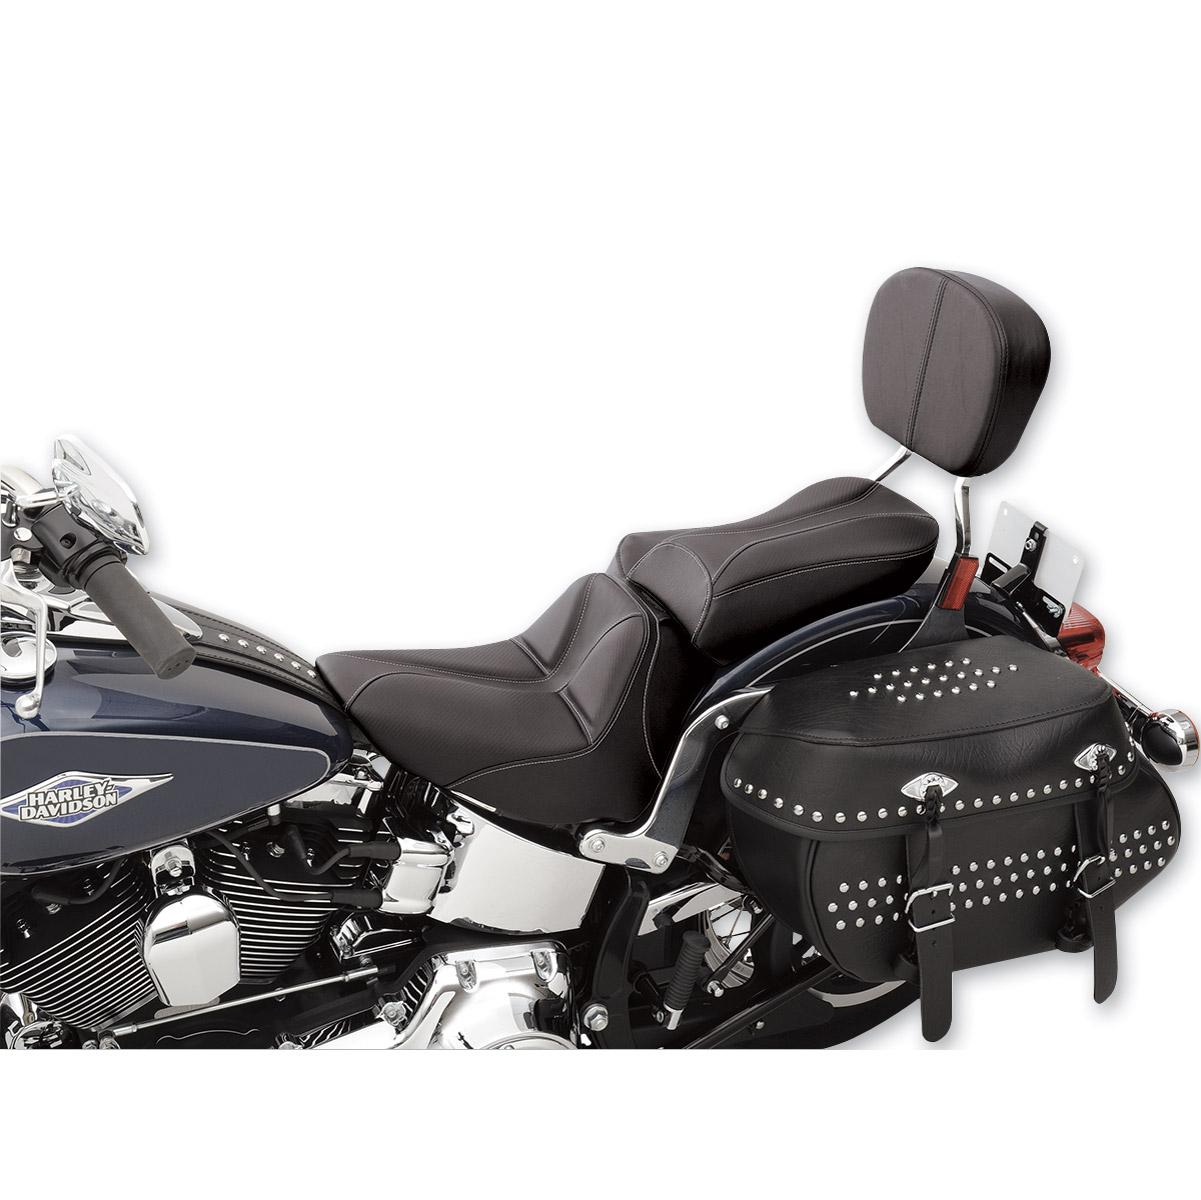 Saddlemen Dominator Passenger Seat